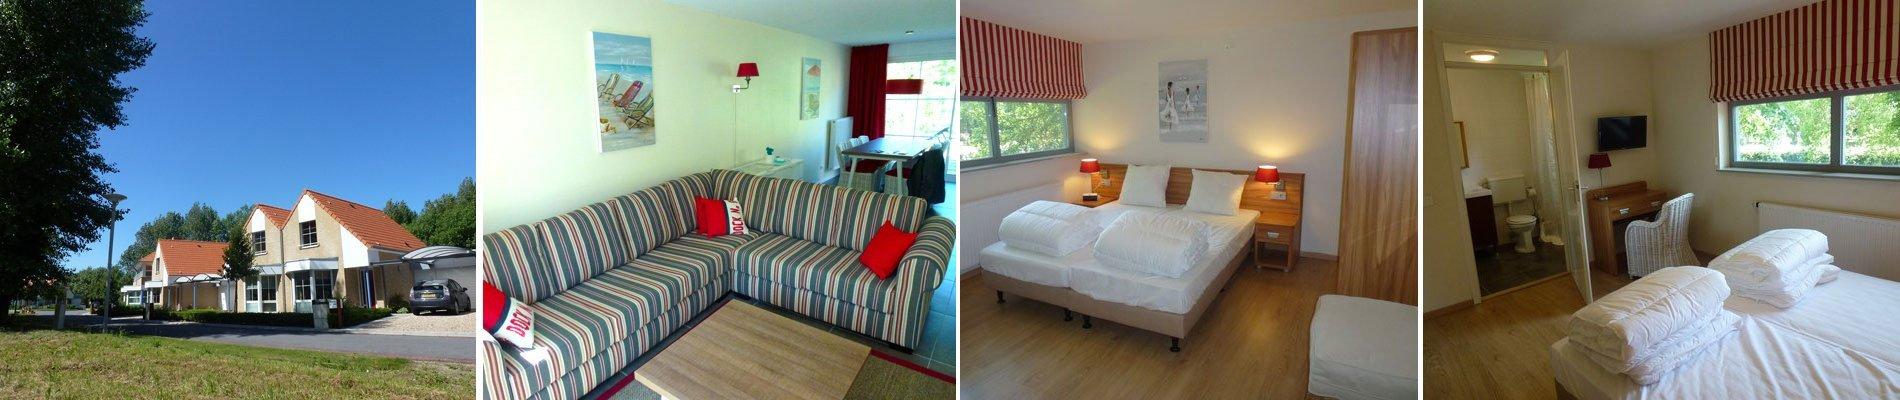 Dormio Resort Vakantiehuizen Berck sur Mer